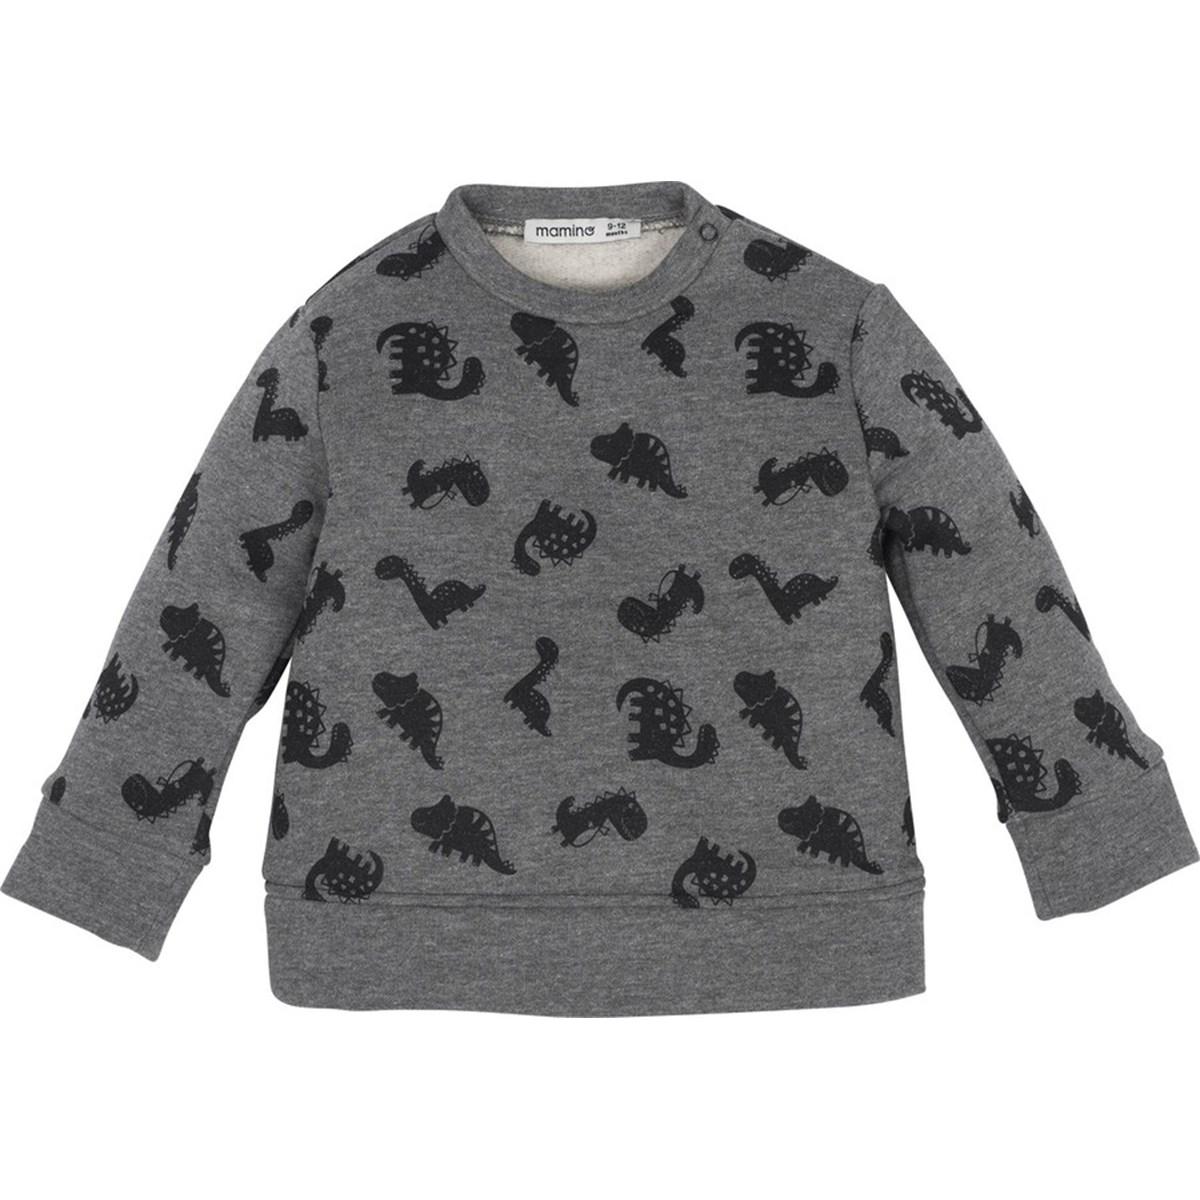 12531 Sweatshirt 1